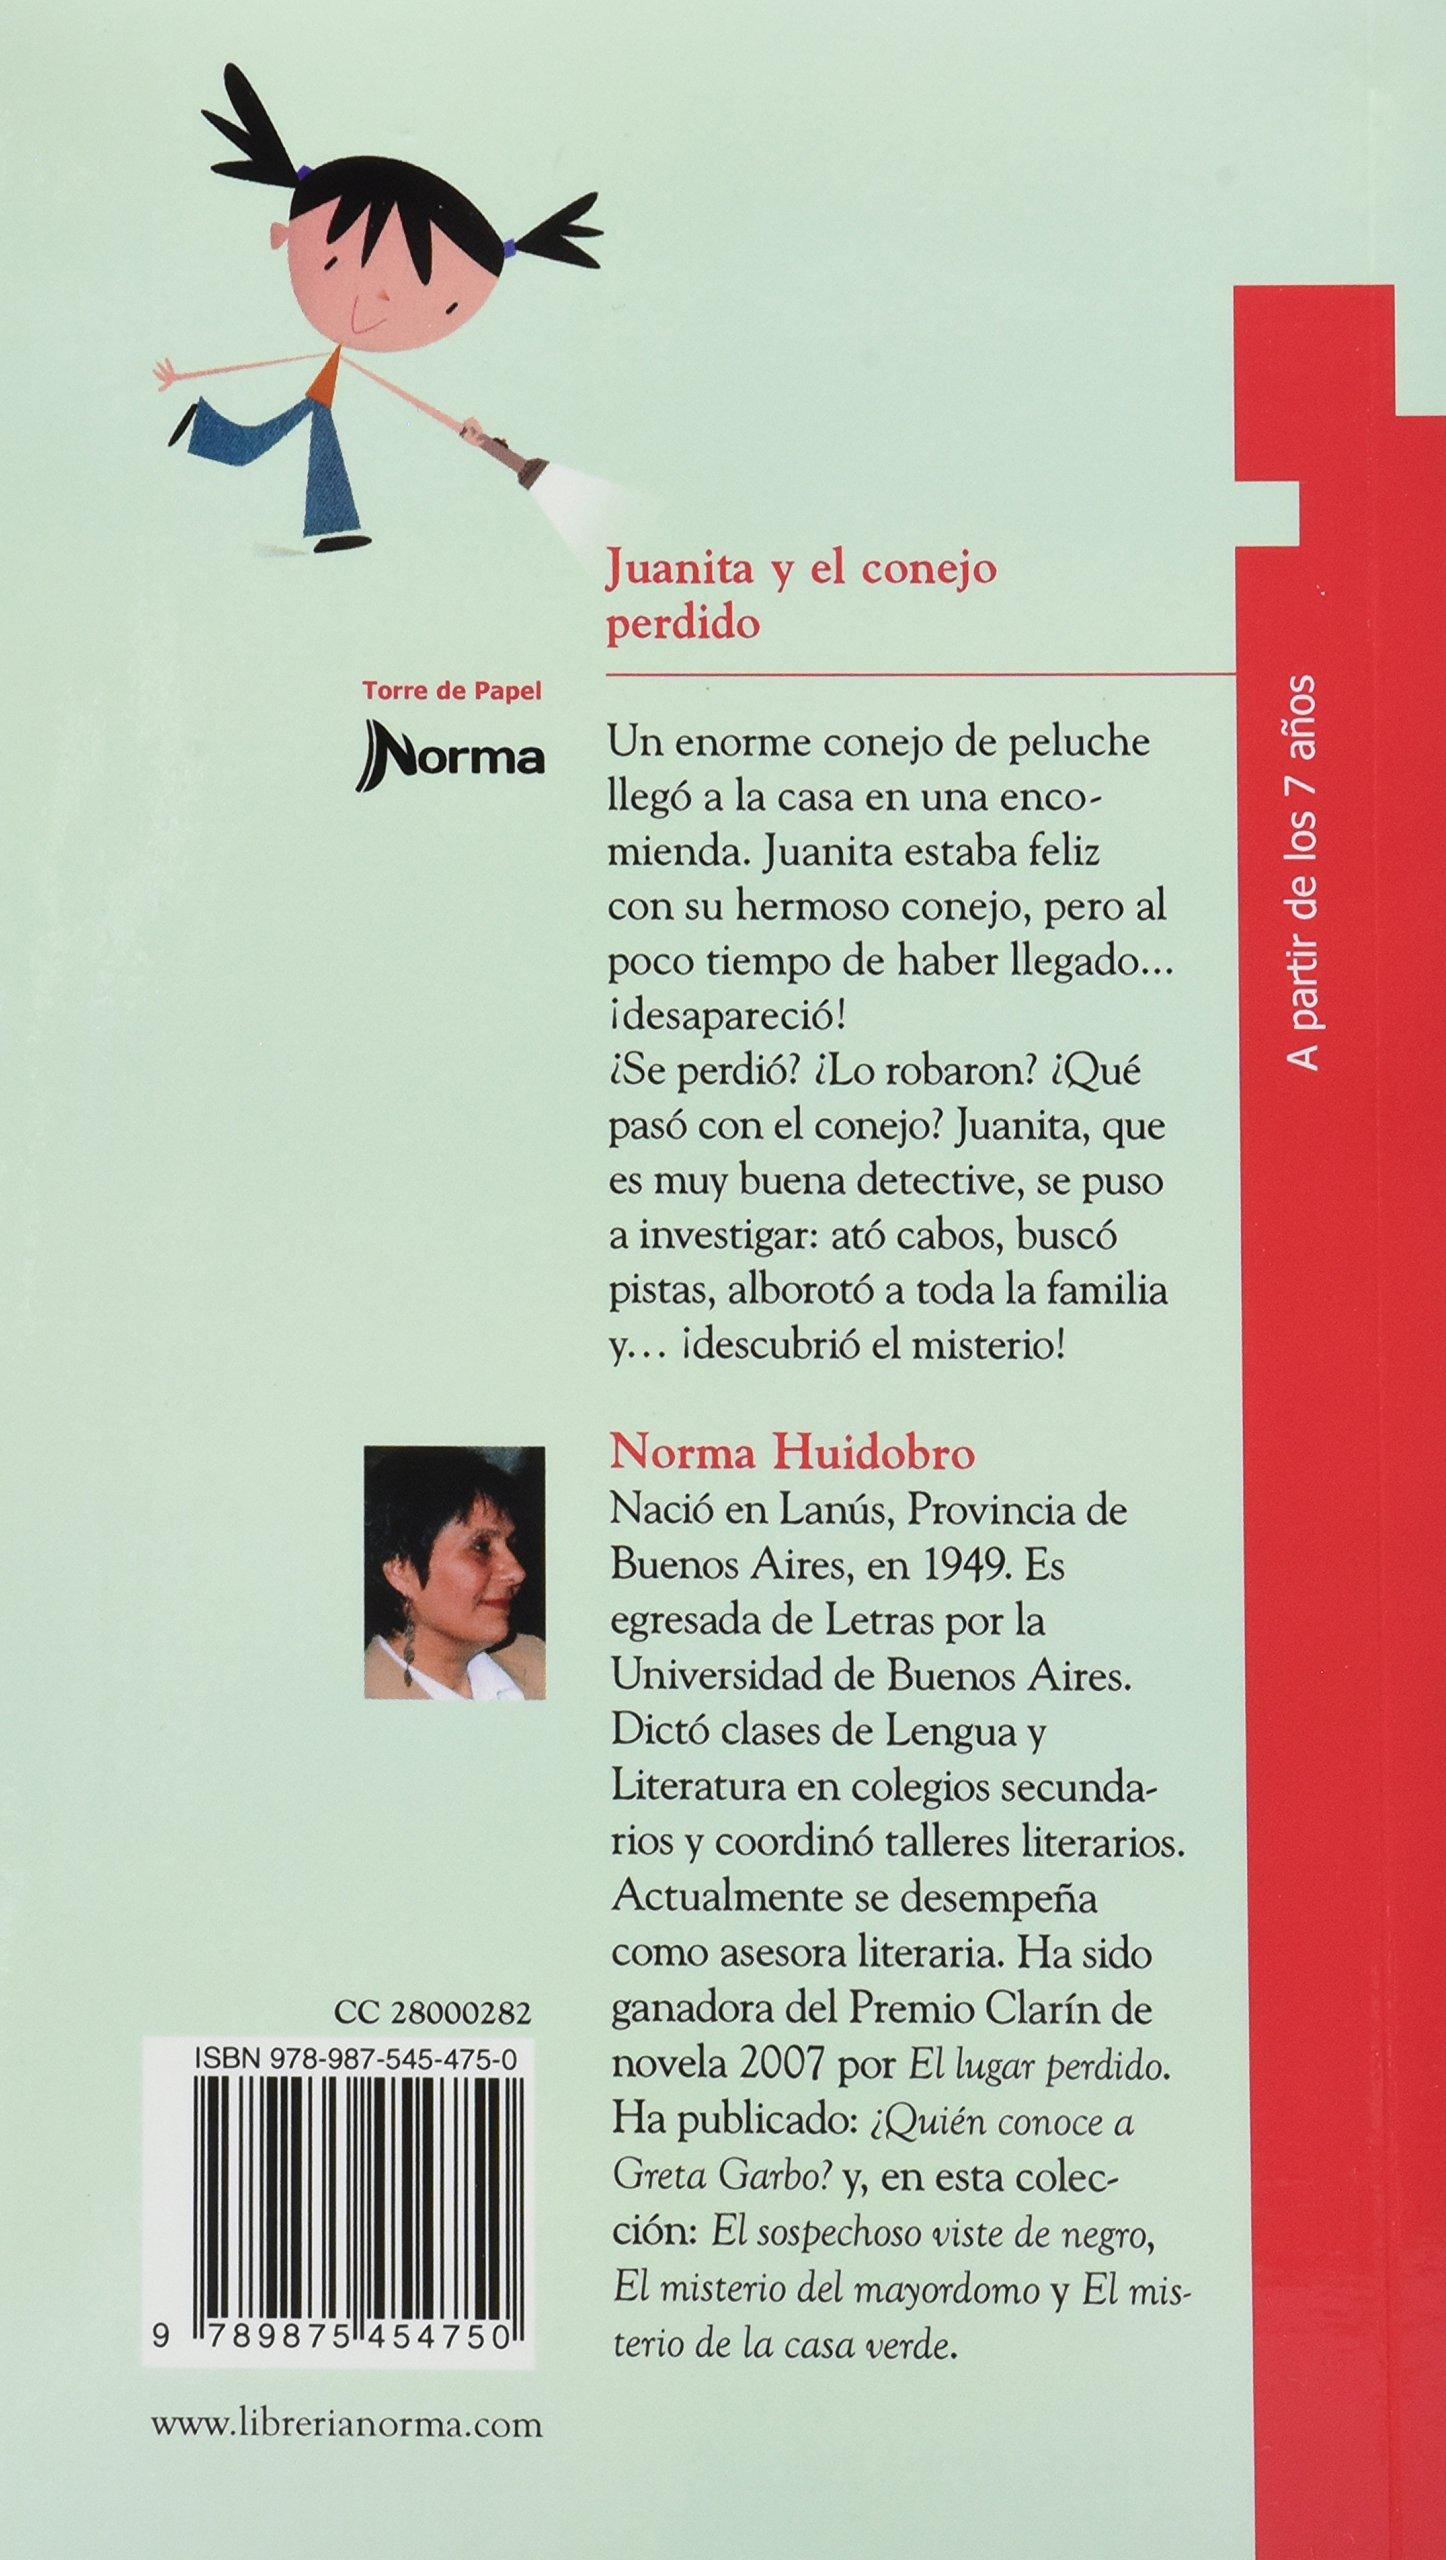 Juanita Y El Conejo Perdido: NORMA HUIDOBRO: 9789875454750: Amazon.com: Books